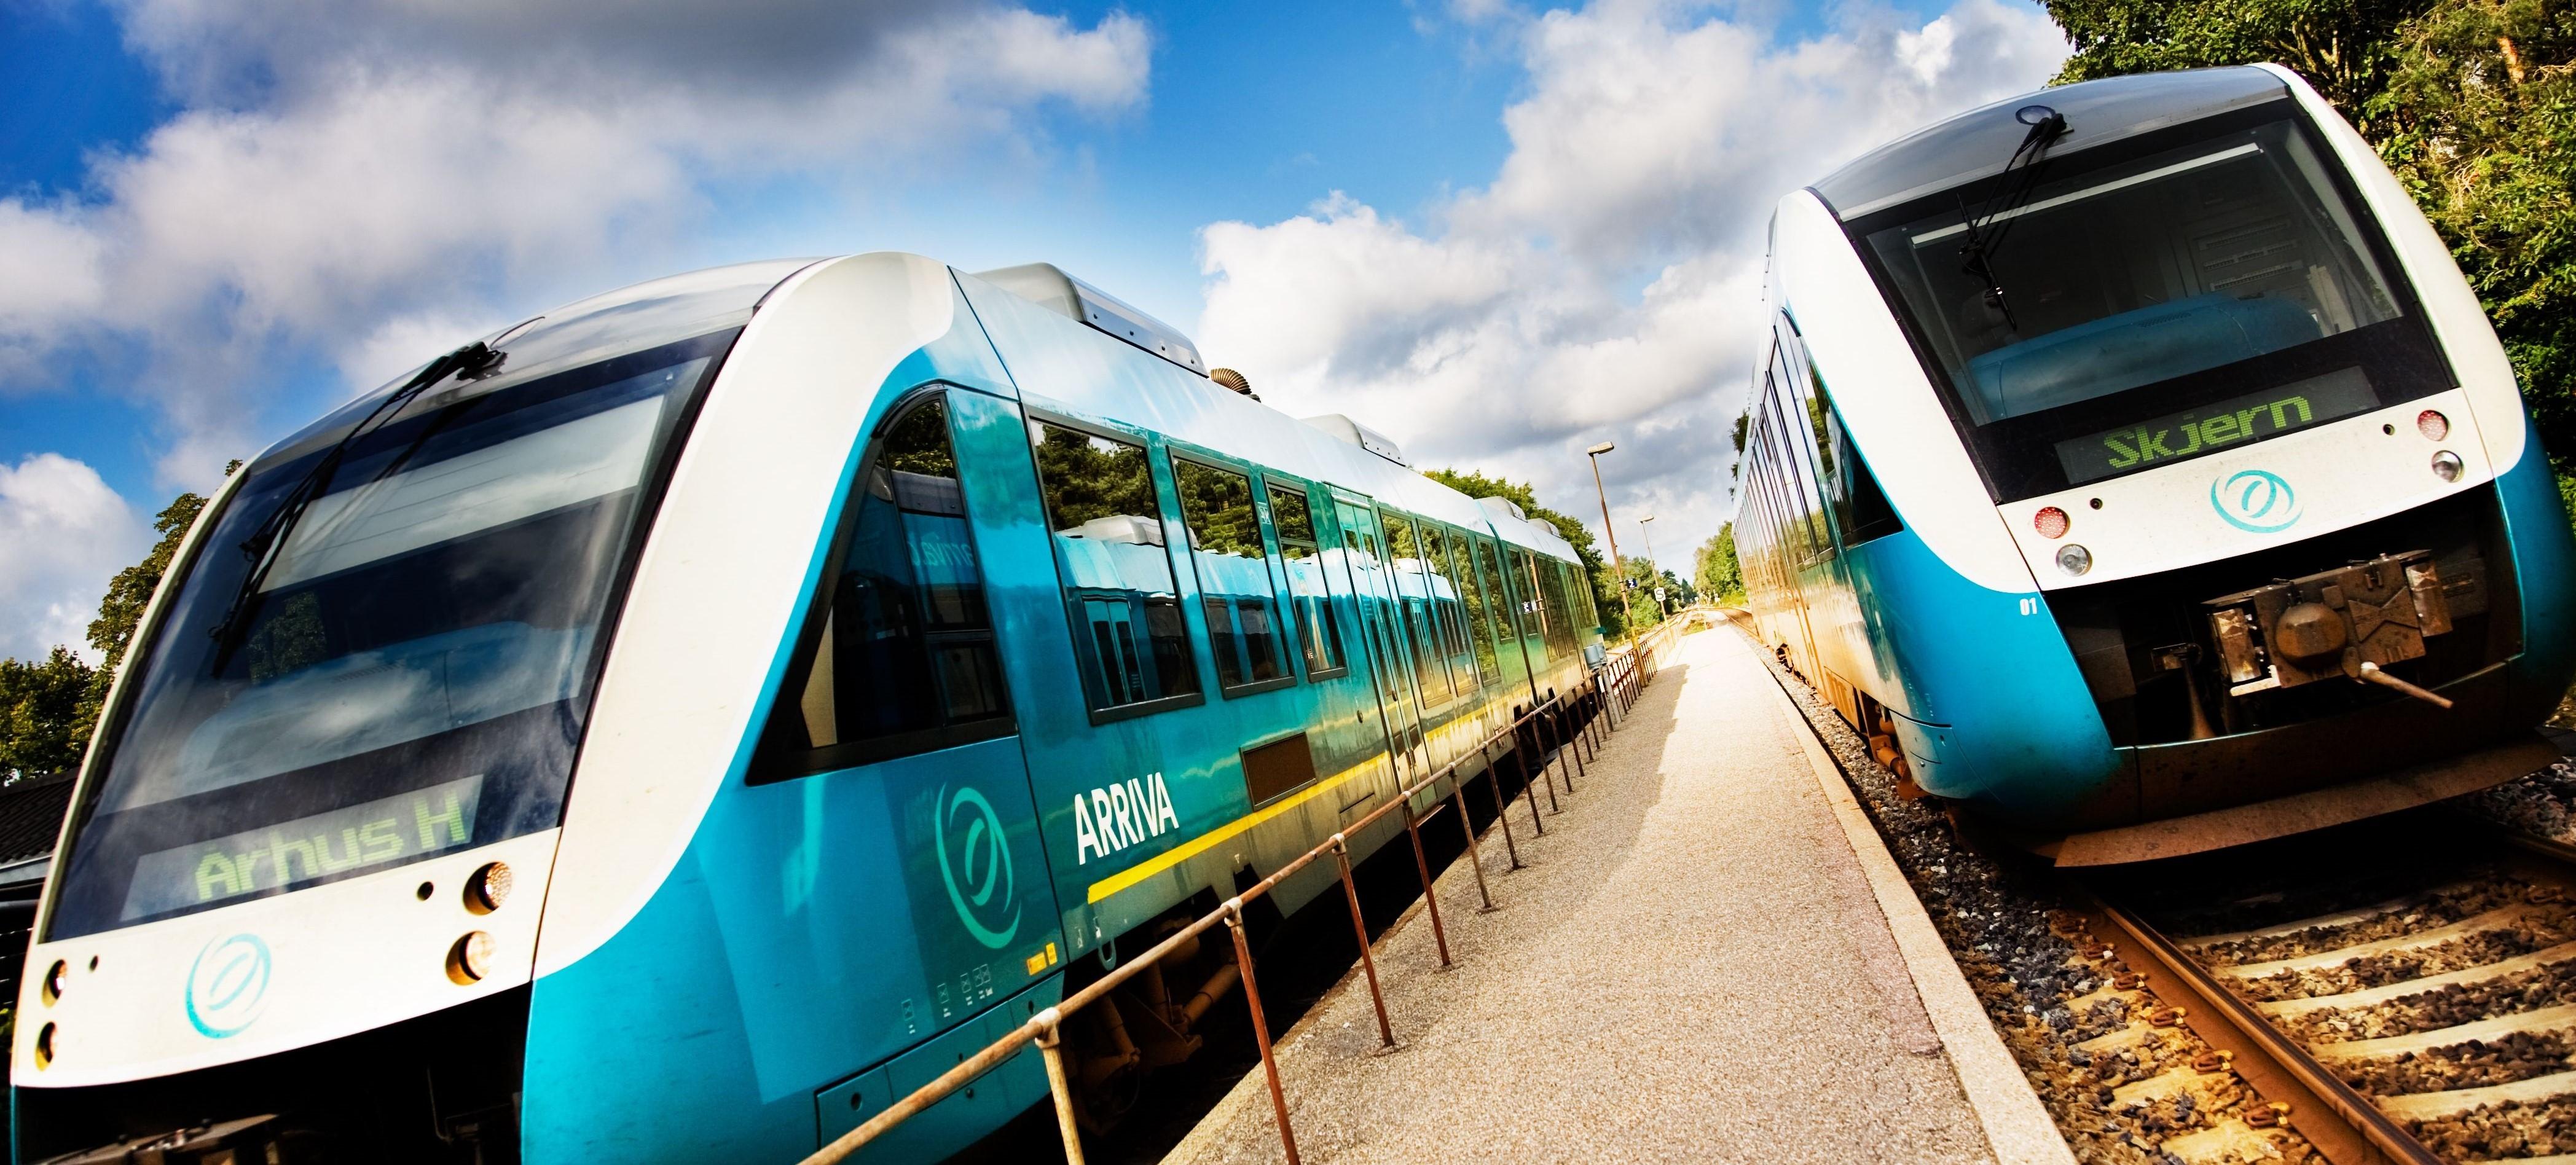 Anbud365: Forbereder konkurranseutsetting av togtrafikk,vil bare ha store selskaper